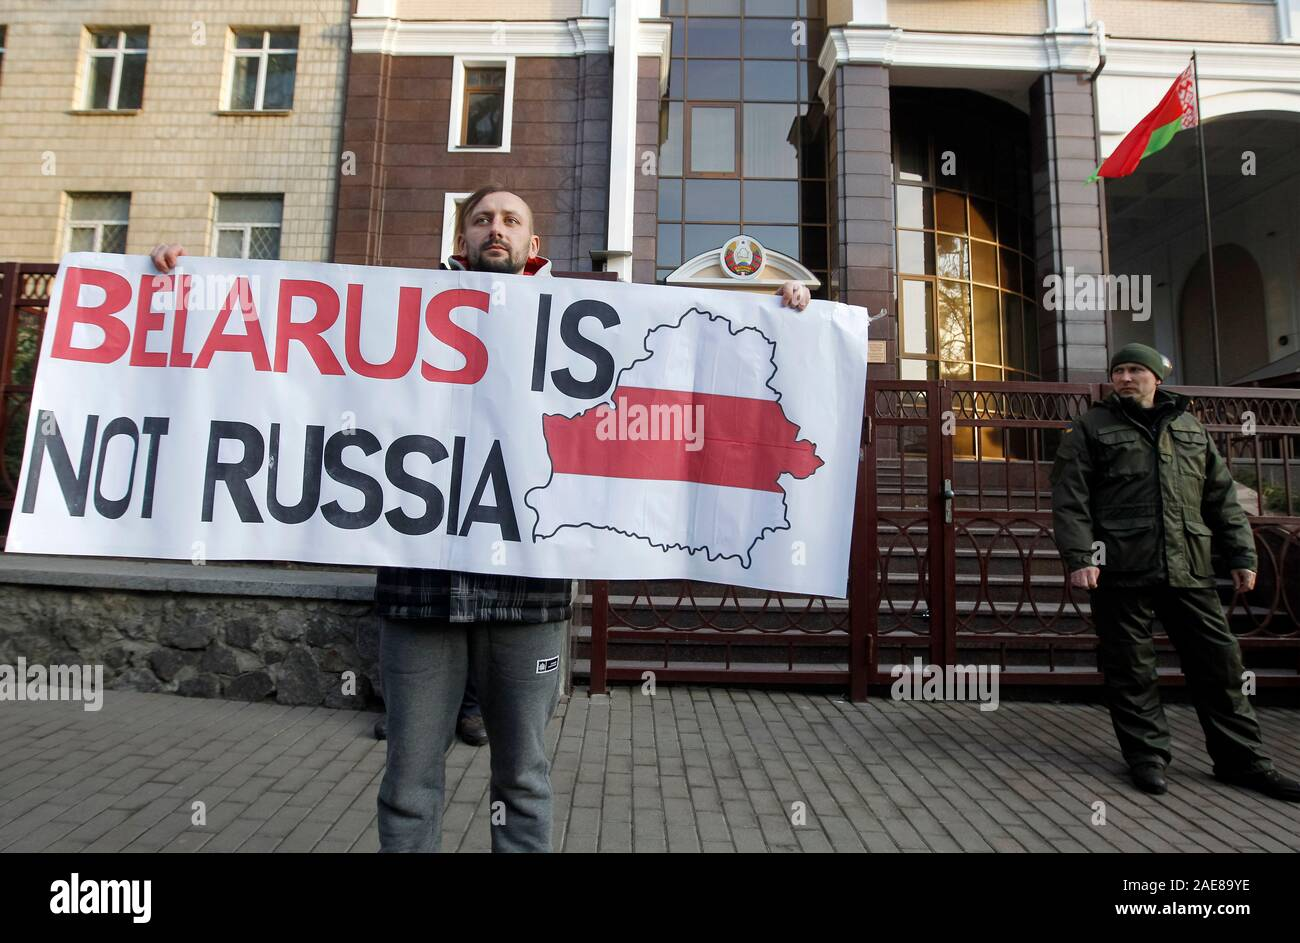 Un activista sostiene una pancarta durante una protesta contra el programa de integración Belarus-Russia, fuera de la Embajada de Belarús en Kiev.Los manifestantes se oponen a la integración de Belarús y Rusia y considera que firmar un nuevo acuerdo con la profundización de la integración puede conducir a Bielorrusia perdiendo su independencia. Los Presidentes de Rusia y Bielorrusia, Vladimir Putin y Alexander Lukashenko reunirse y hablar acerca de los mapas de carreteras para la integración de los dos países que están teniendo lugar en Rusia el 7 de diciembre de 2019, presuntamente por los medios de comunicación. Foto de stock